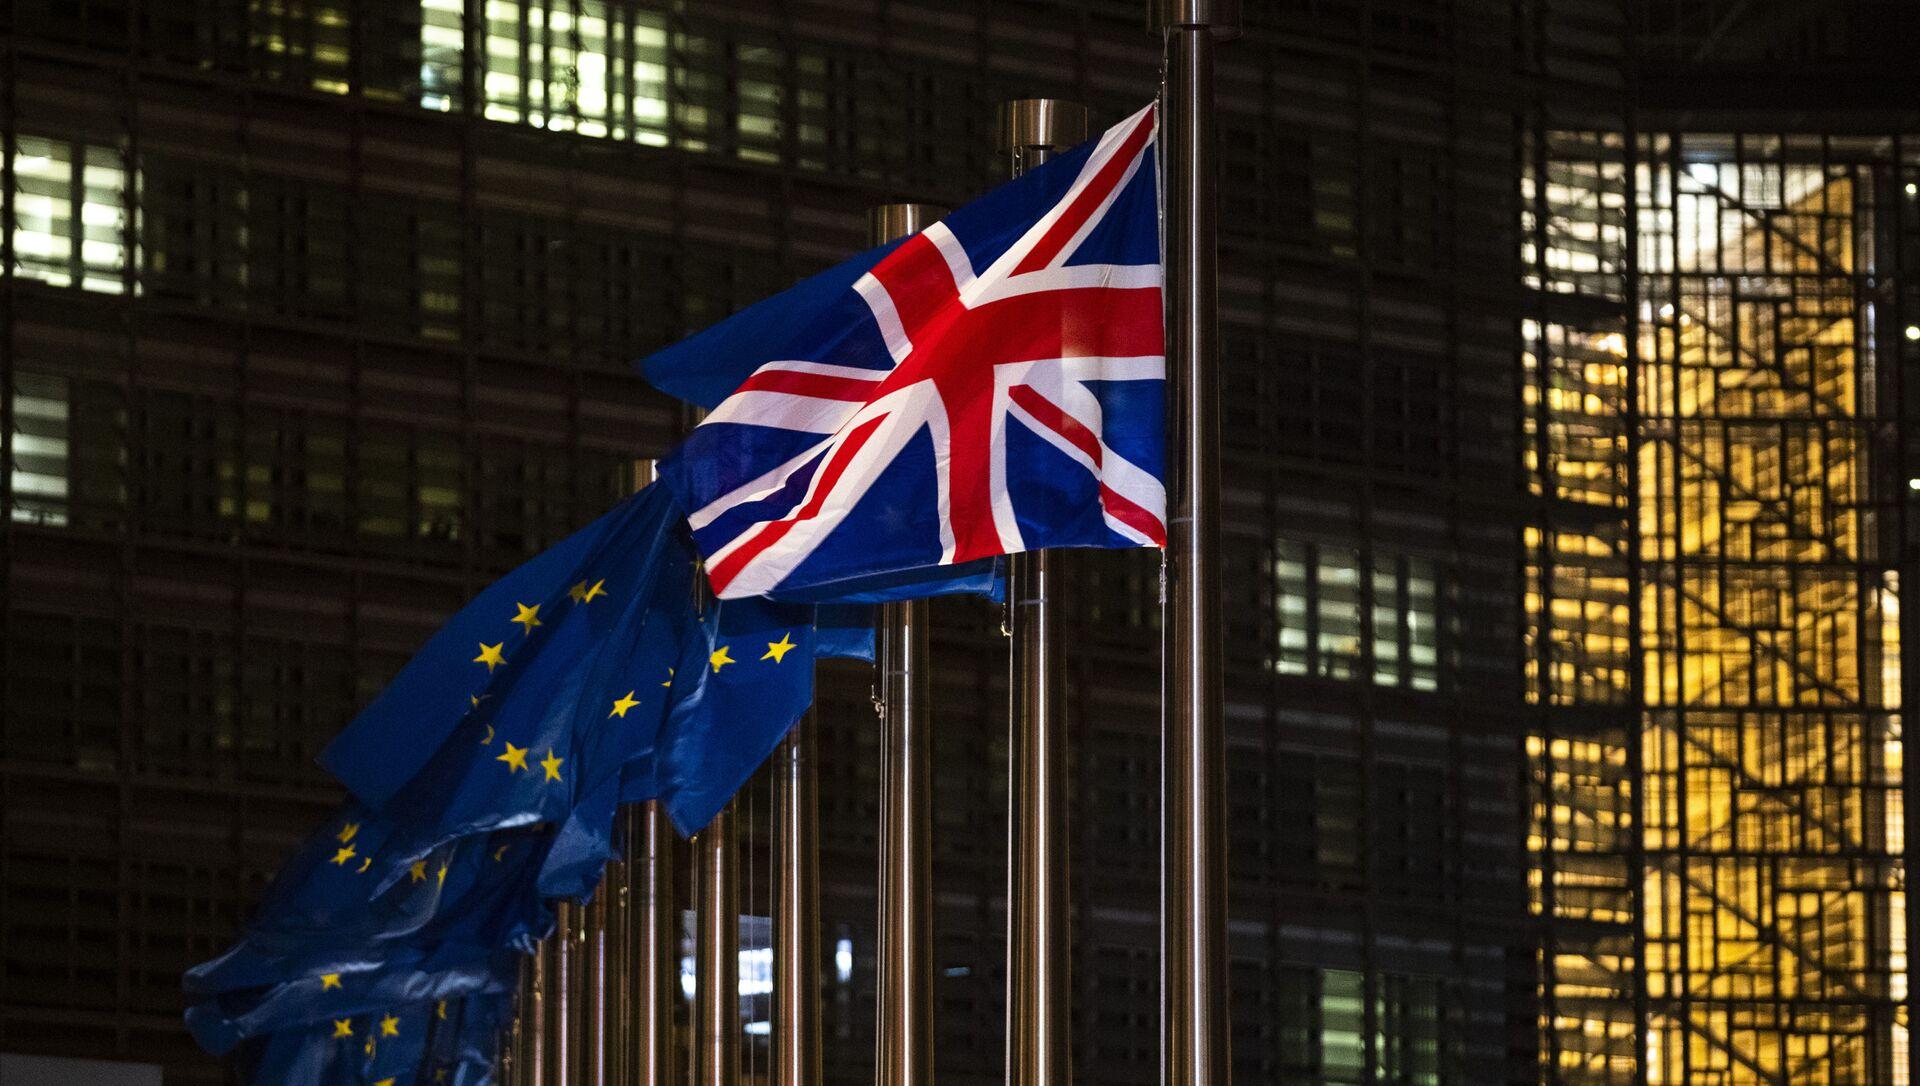 Les drapeaux de l'UE et du Royaume-Uni - Sputnik France, 1920, 14.09.2021